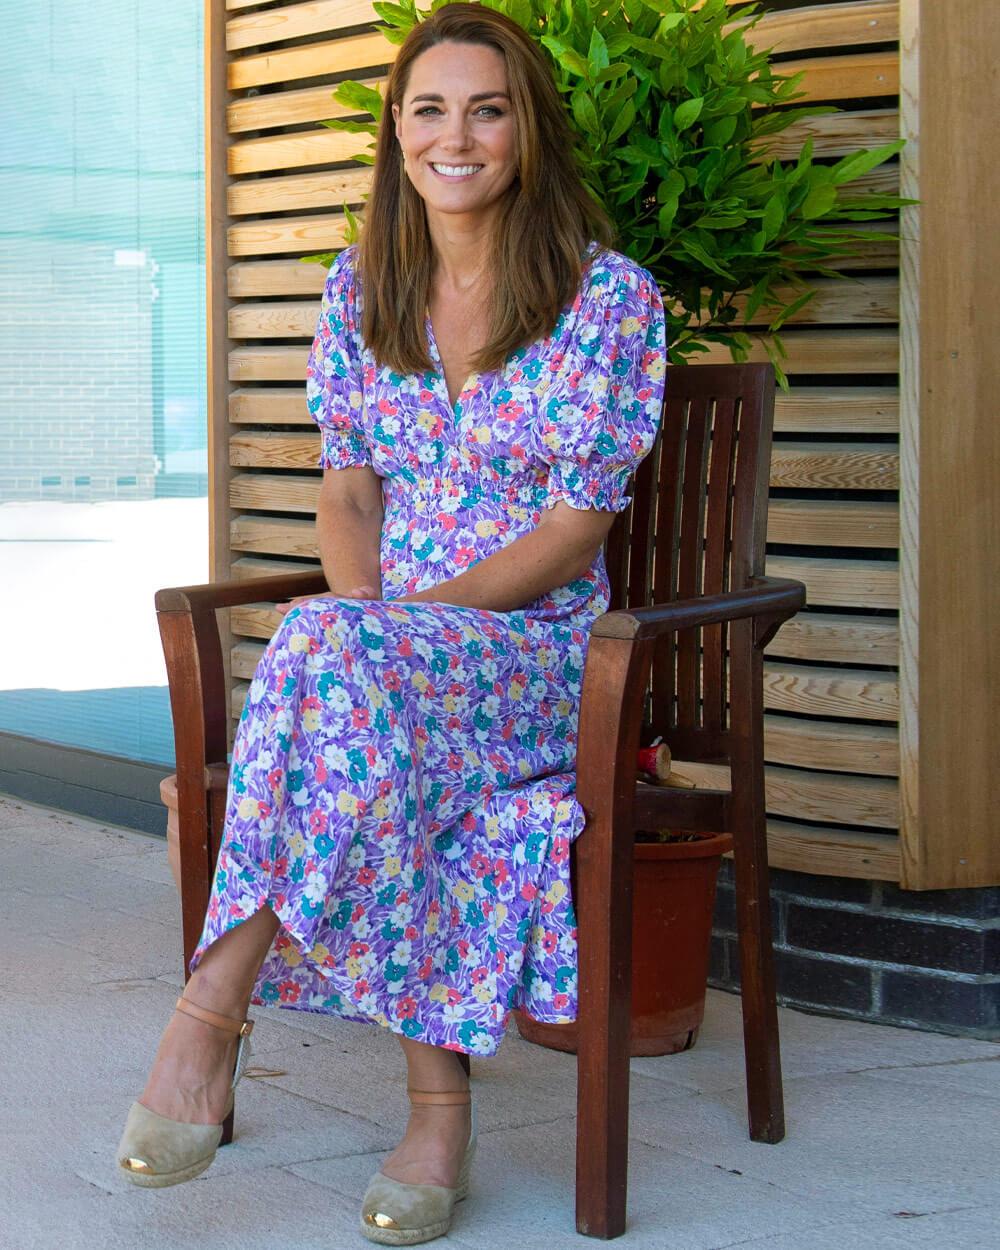 Kate Middleton wearing Faithfull the brand boho dress